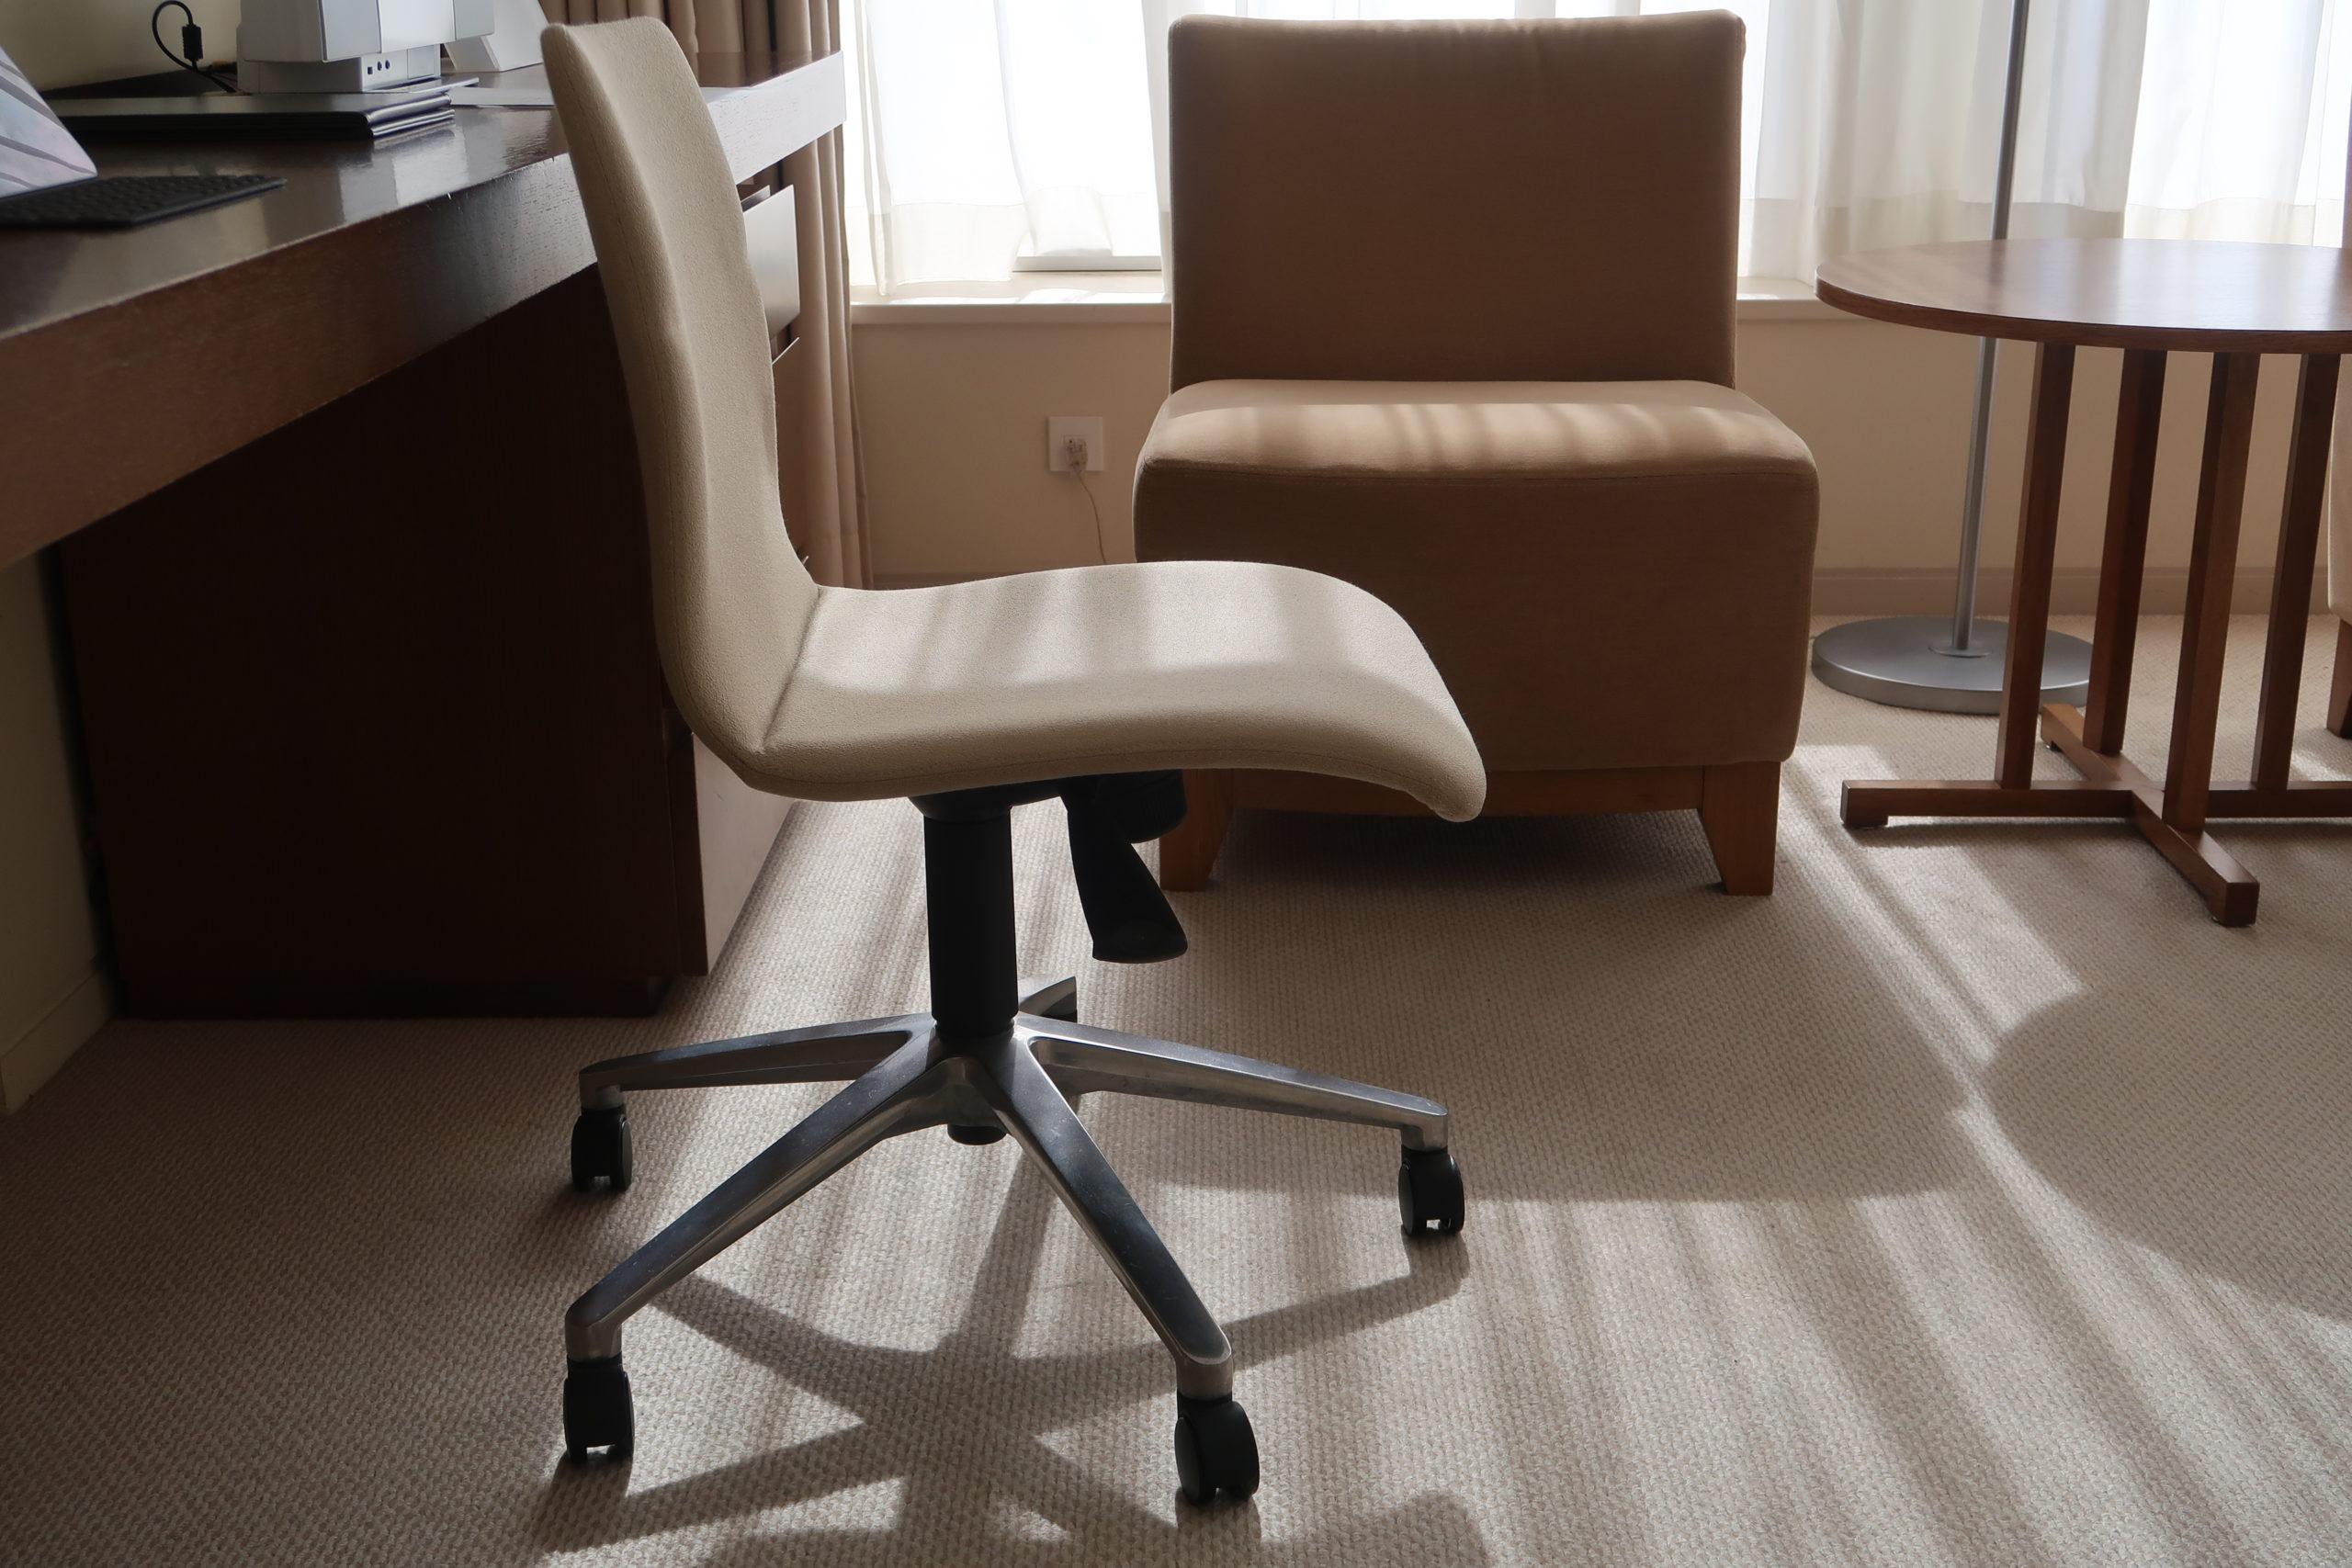 京王プラザホテル テレワーク 椅子